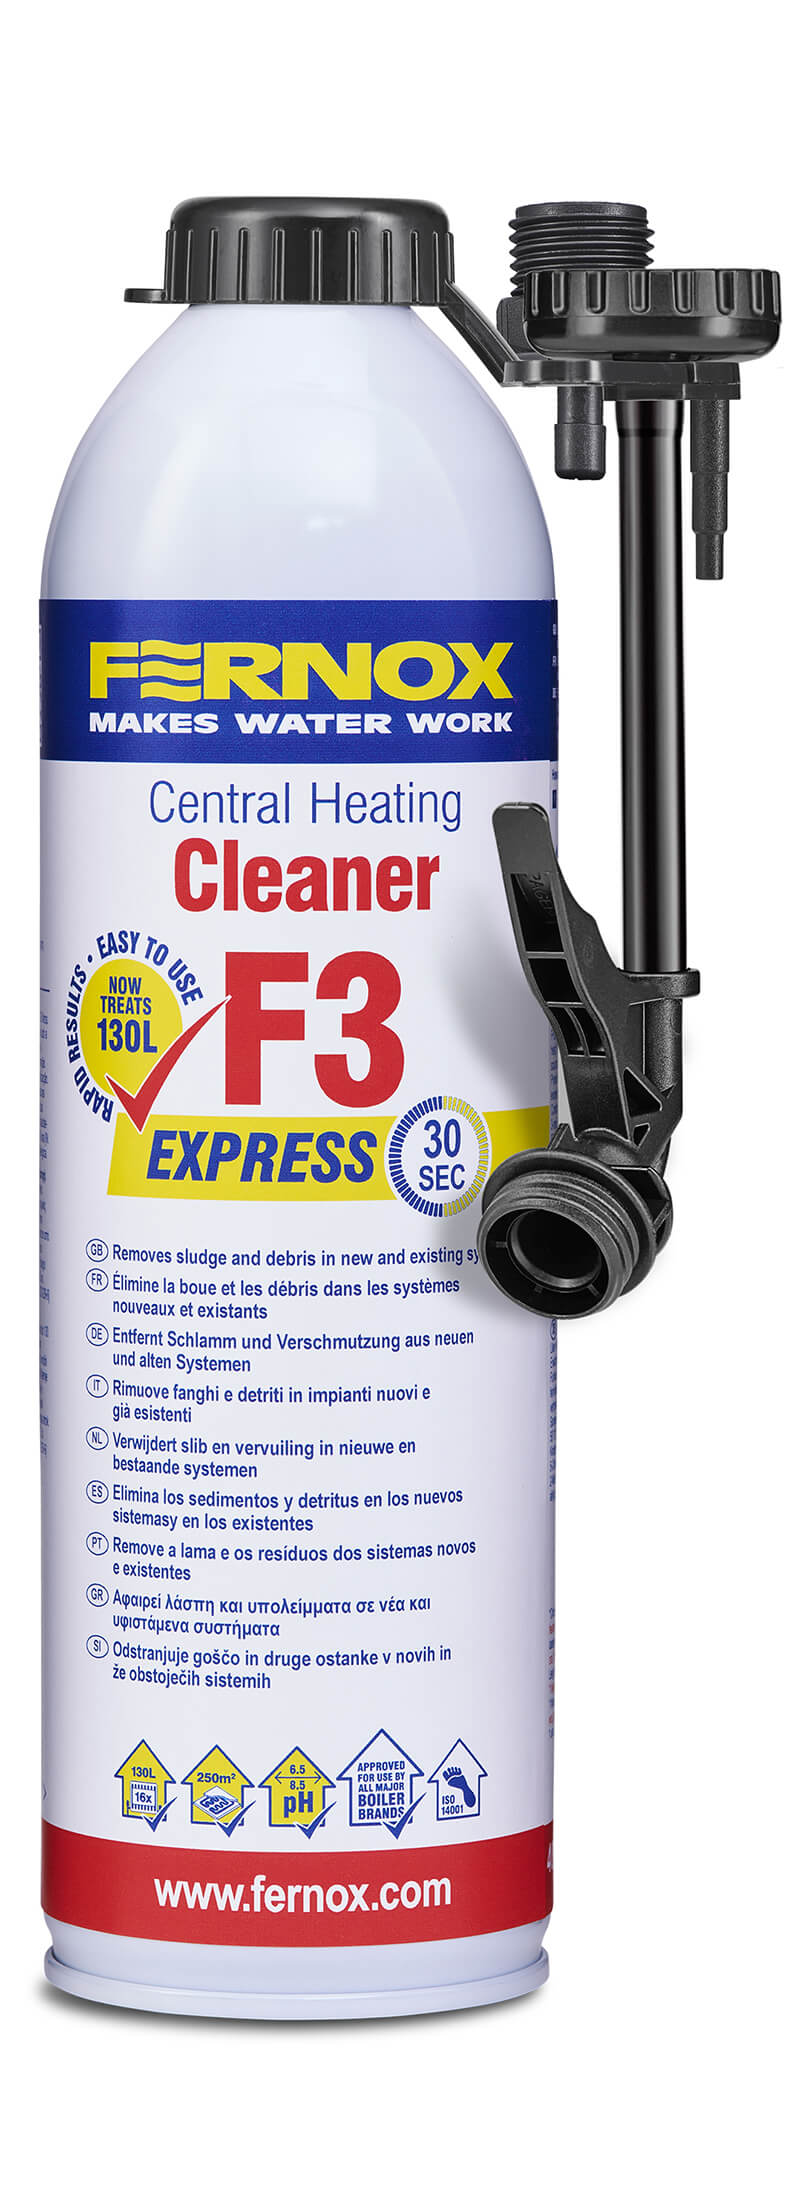 Pulizia efficace degli impianti termoidraulici: Cleaner F3 Express